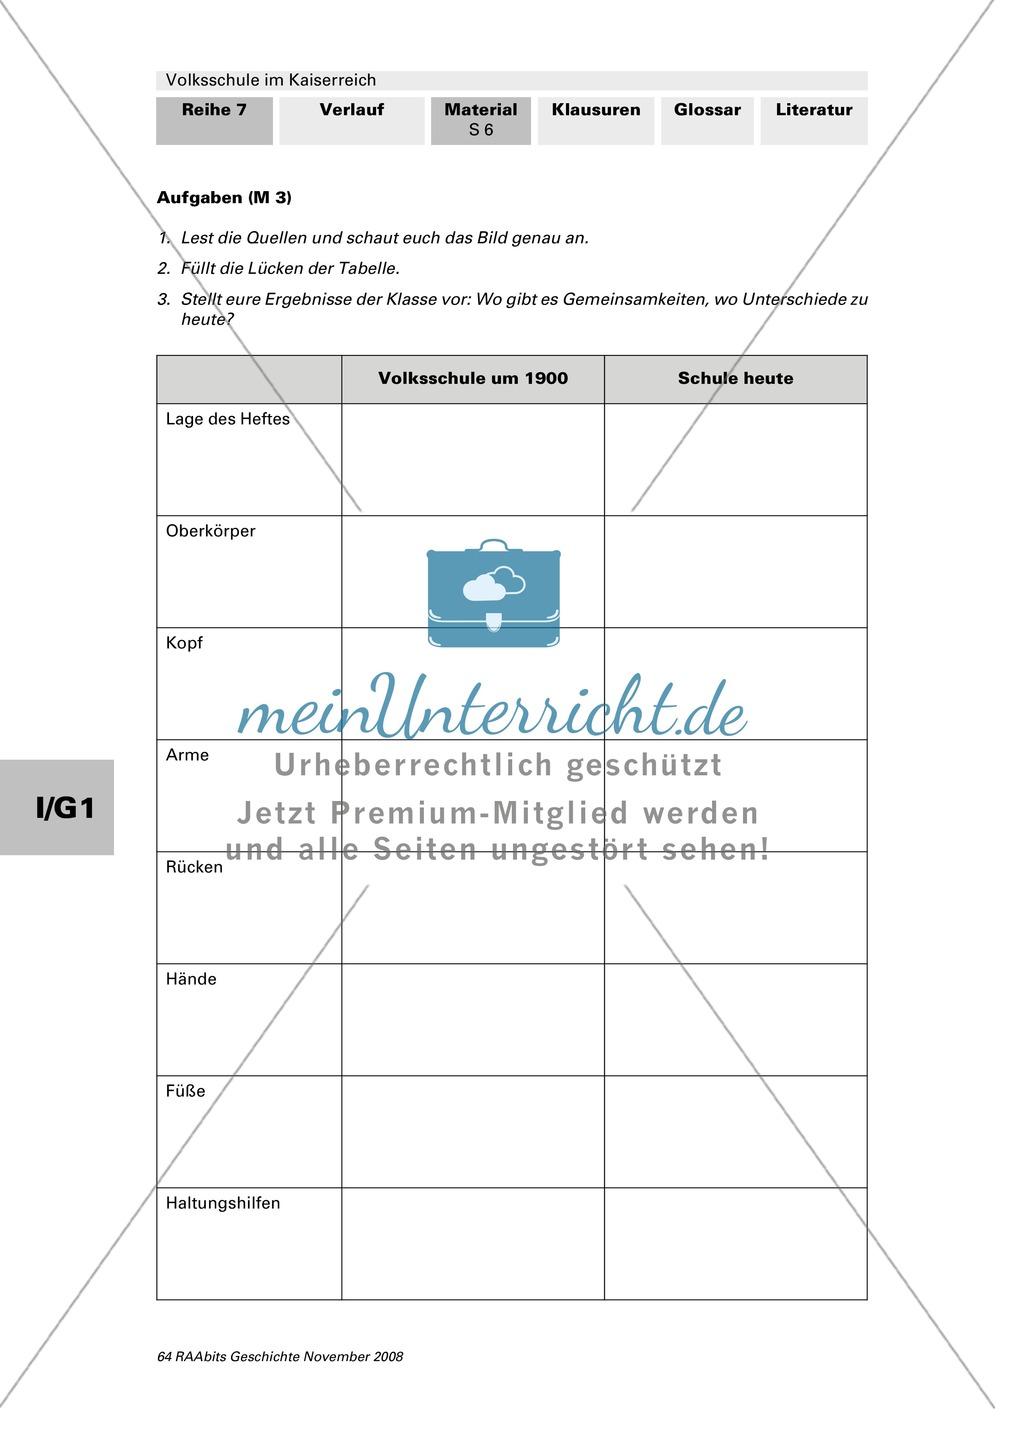 Volksschule im Kaiserreich: Gruppenarbeit zu Aspekten der Volksschule wie Disziplin, Regeln, Strafen, Stundenplan, Lehrerverhalten Preview 4